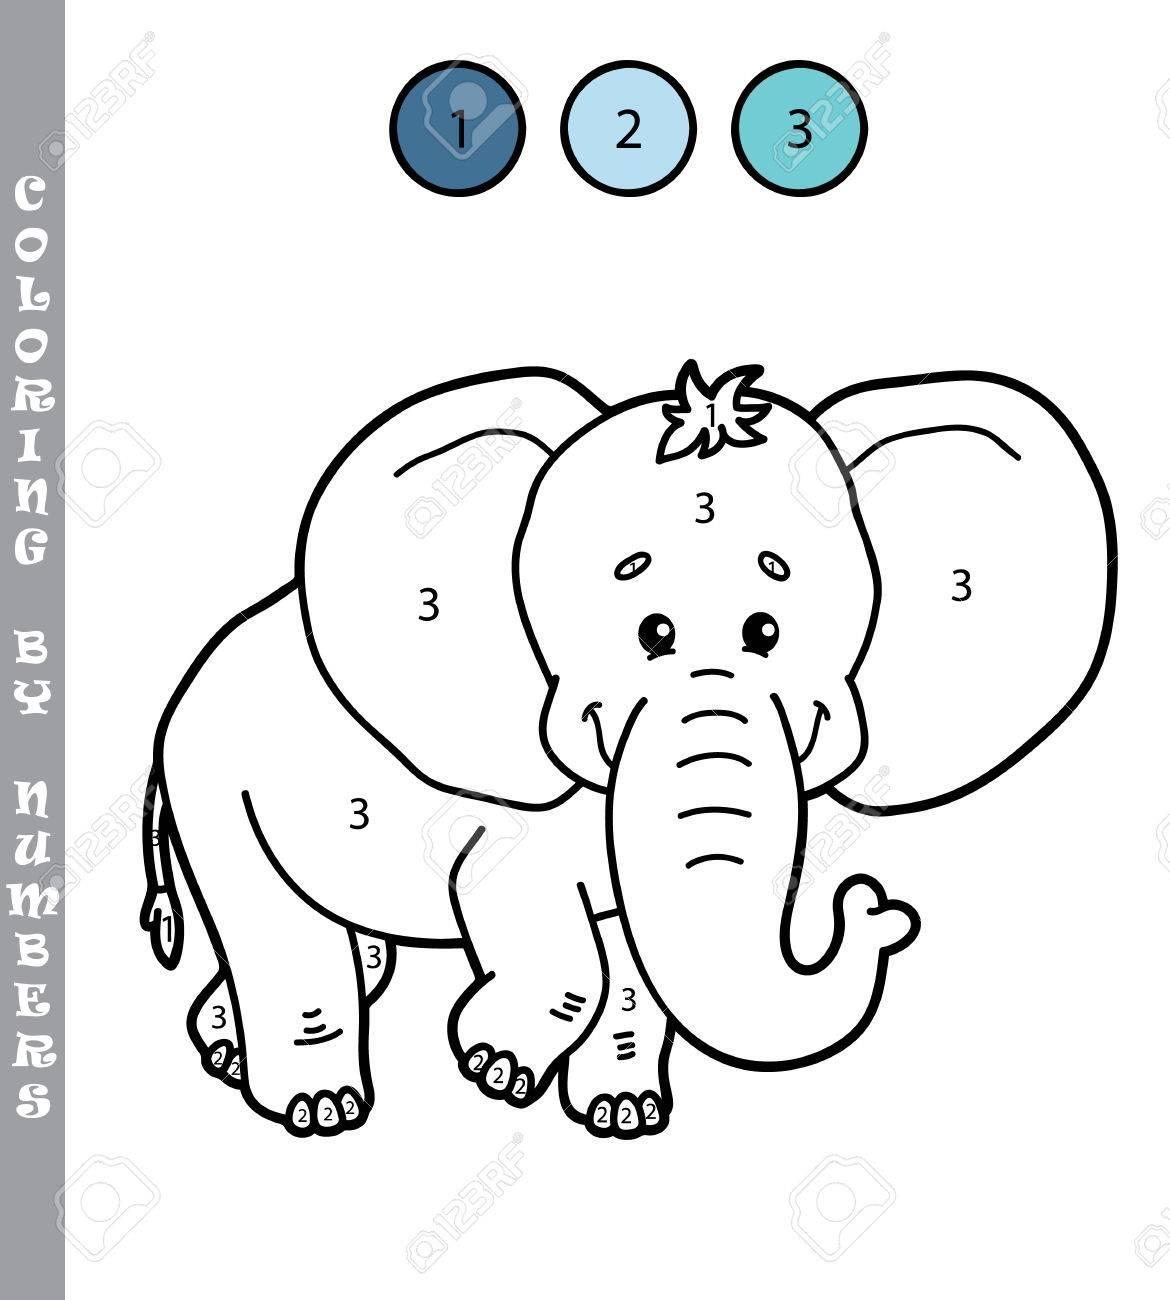 Colorear Por Números Divertido Juego Ilustración Vectorial Para Colorear Por Números Juego Del Elefante De Dibujos Animados Para Los Niños